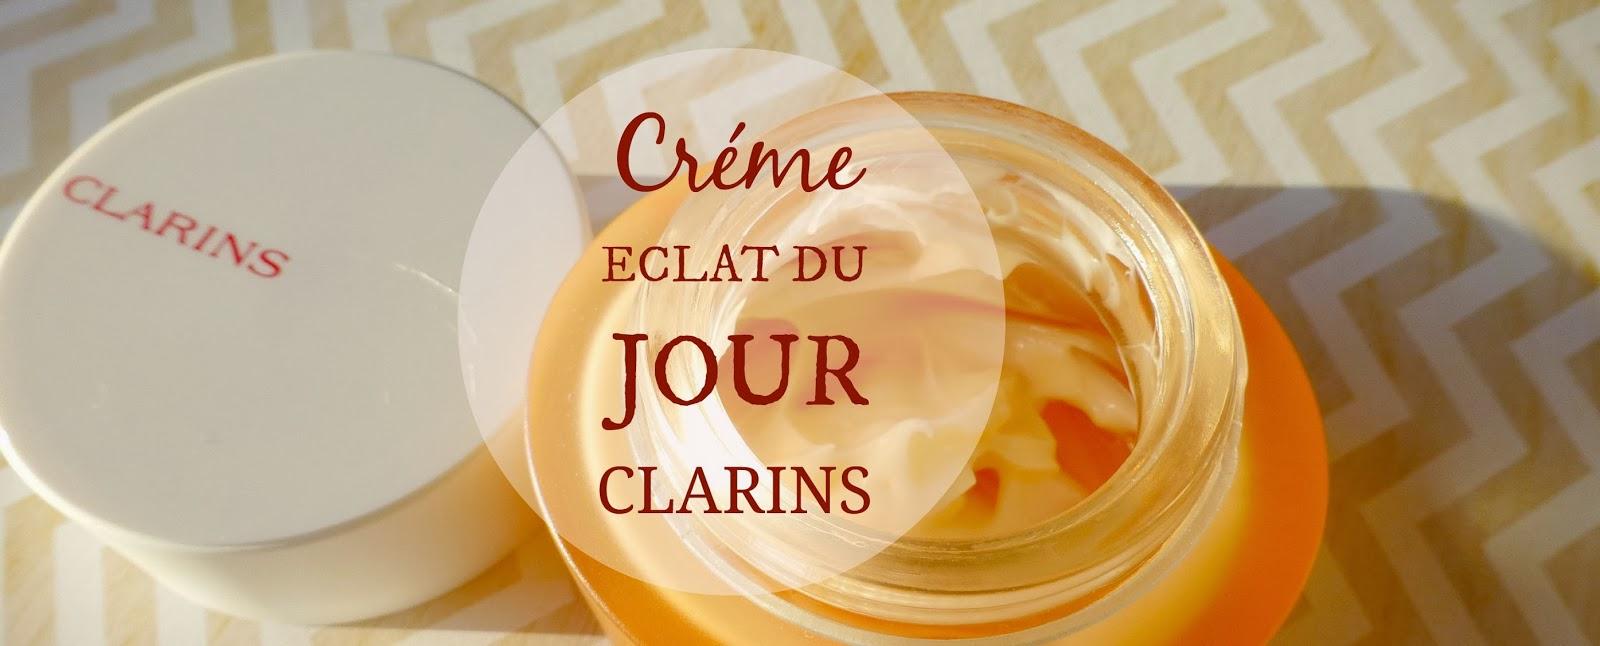 ♦ Crème ECLAT du JOUR - Clarins ♦